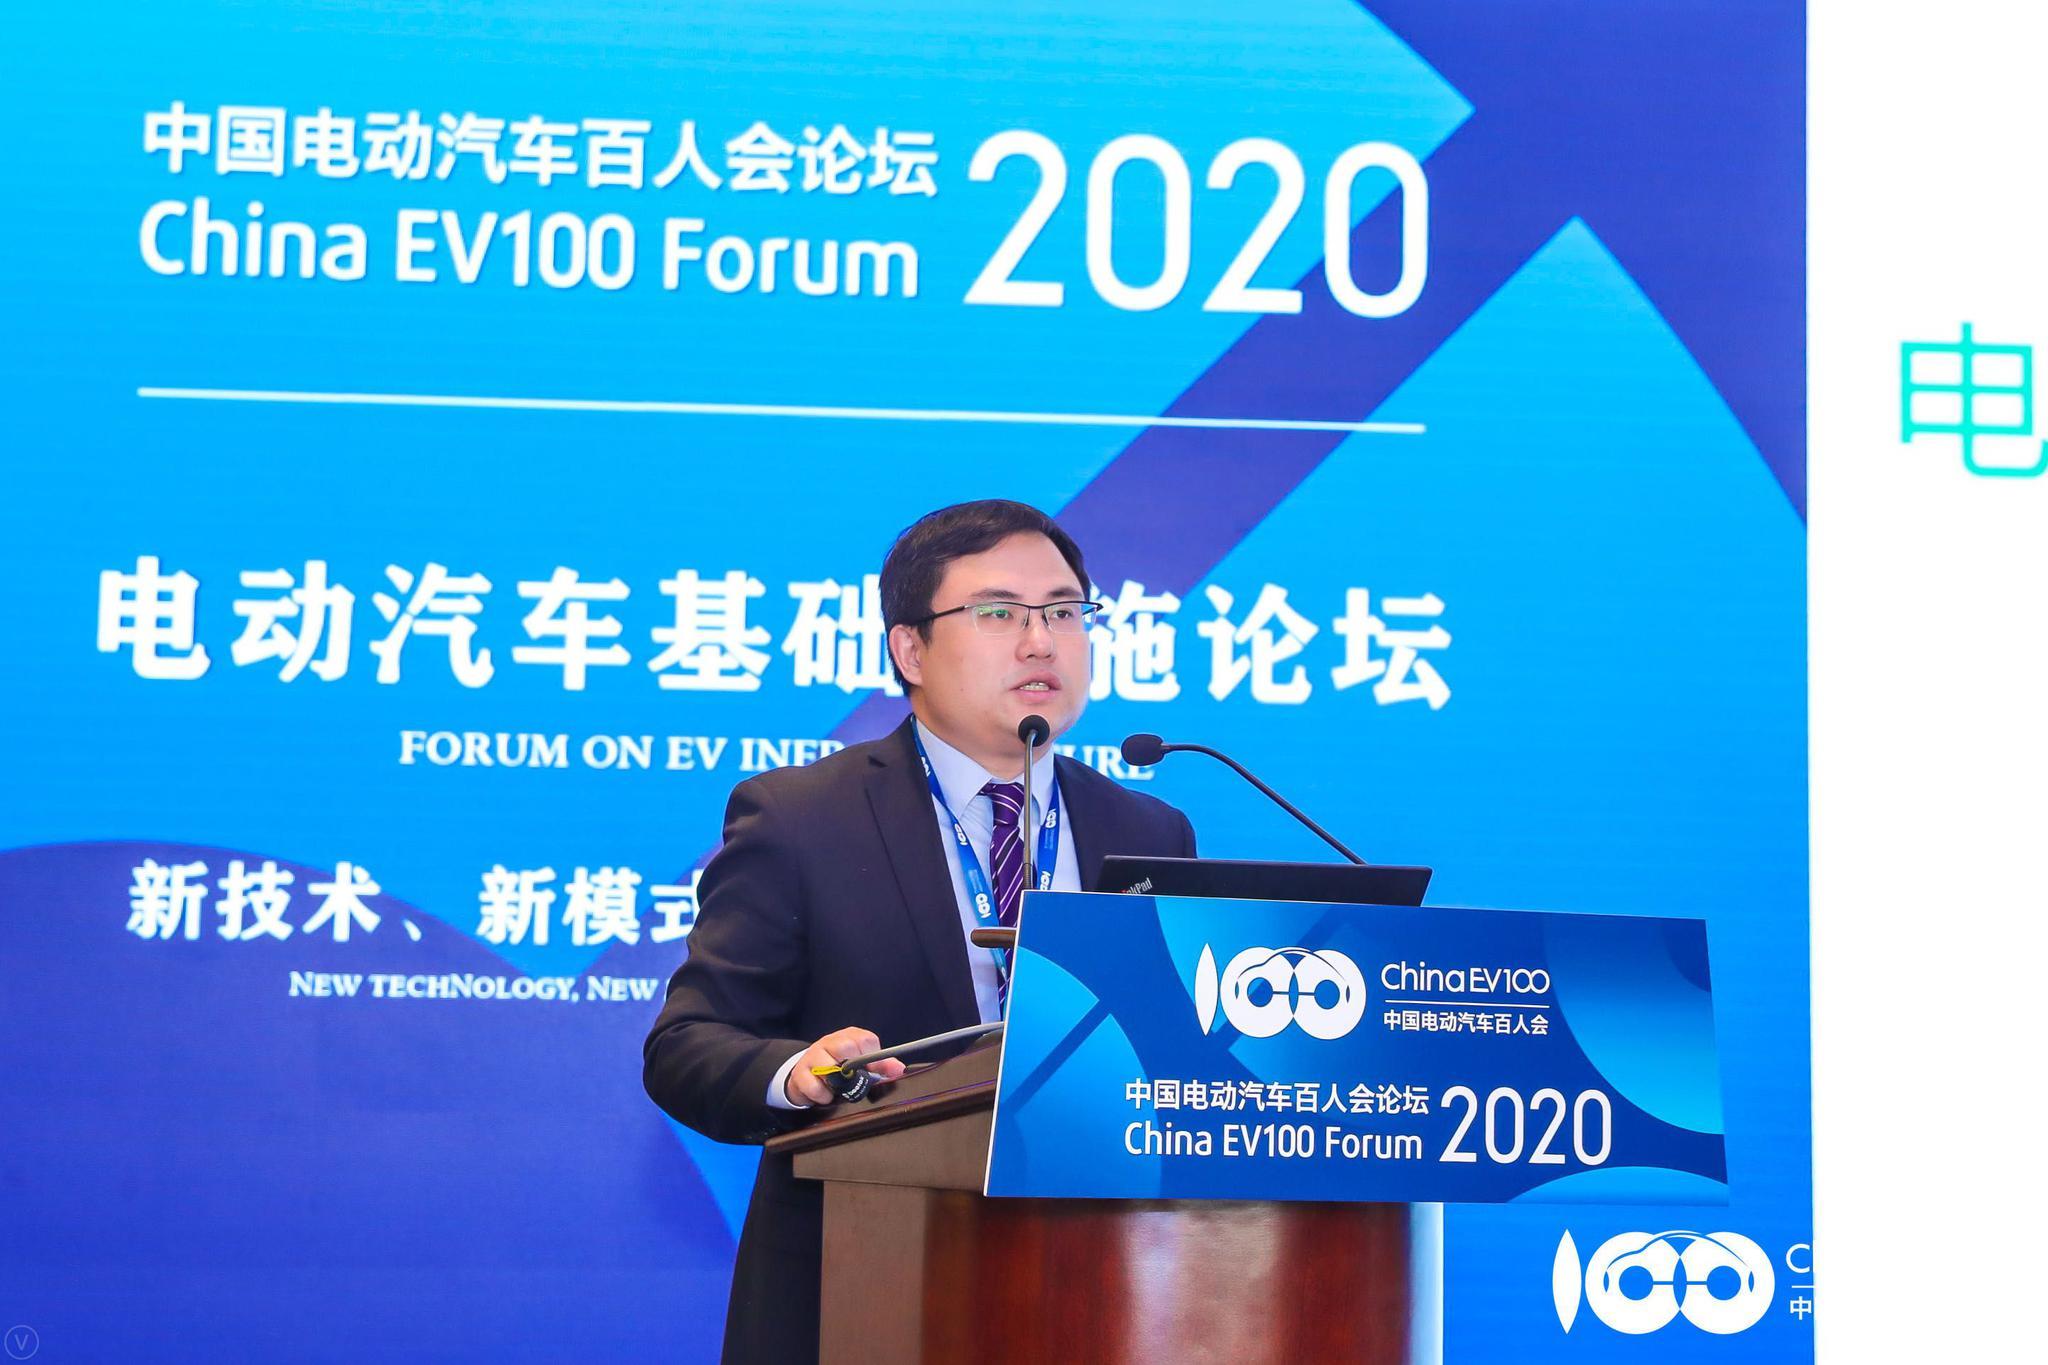 鄭慶榮:明年擬將電動汽車充電樁納入虛擬電廠的調控資源圖片